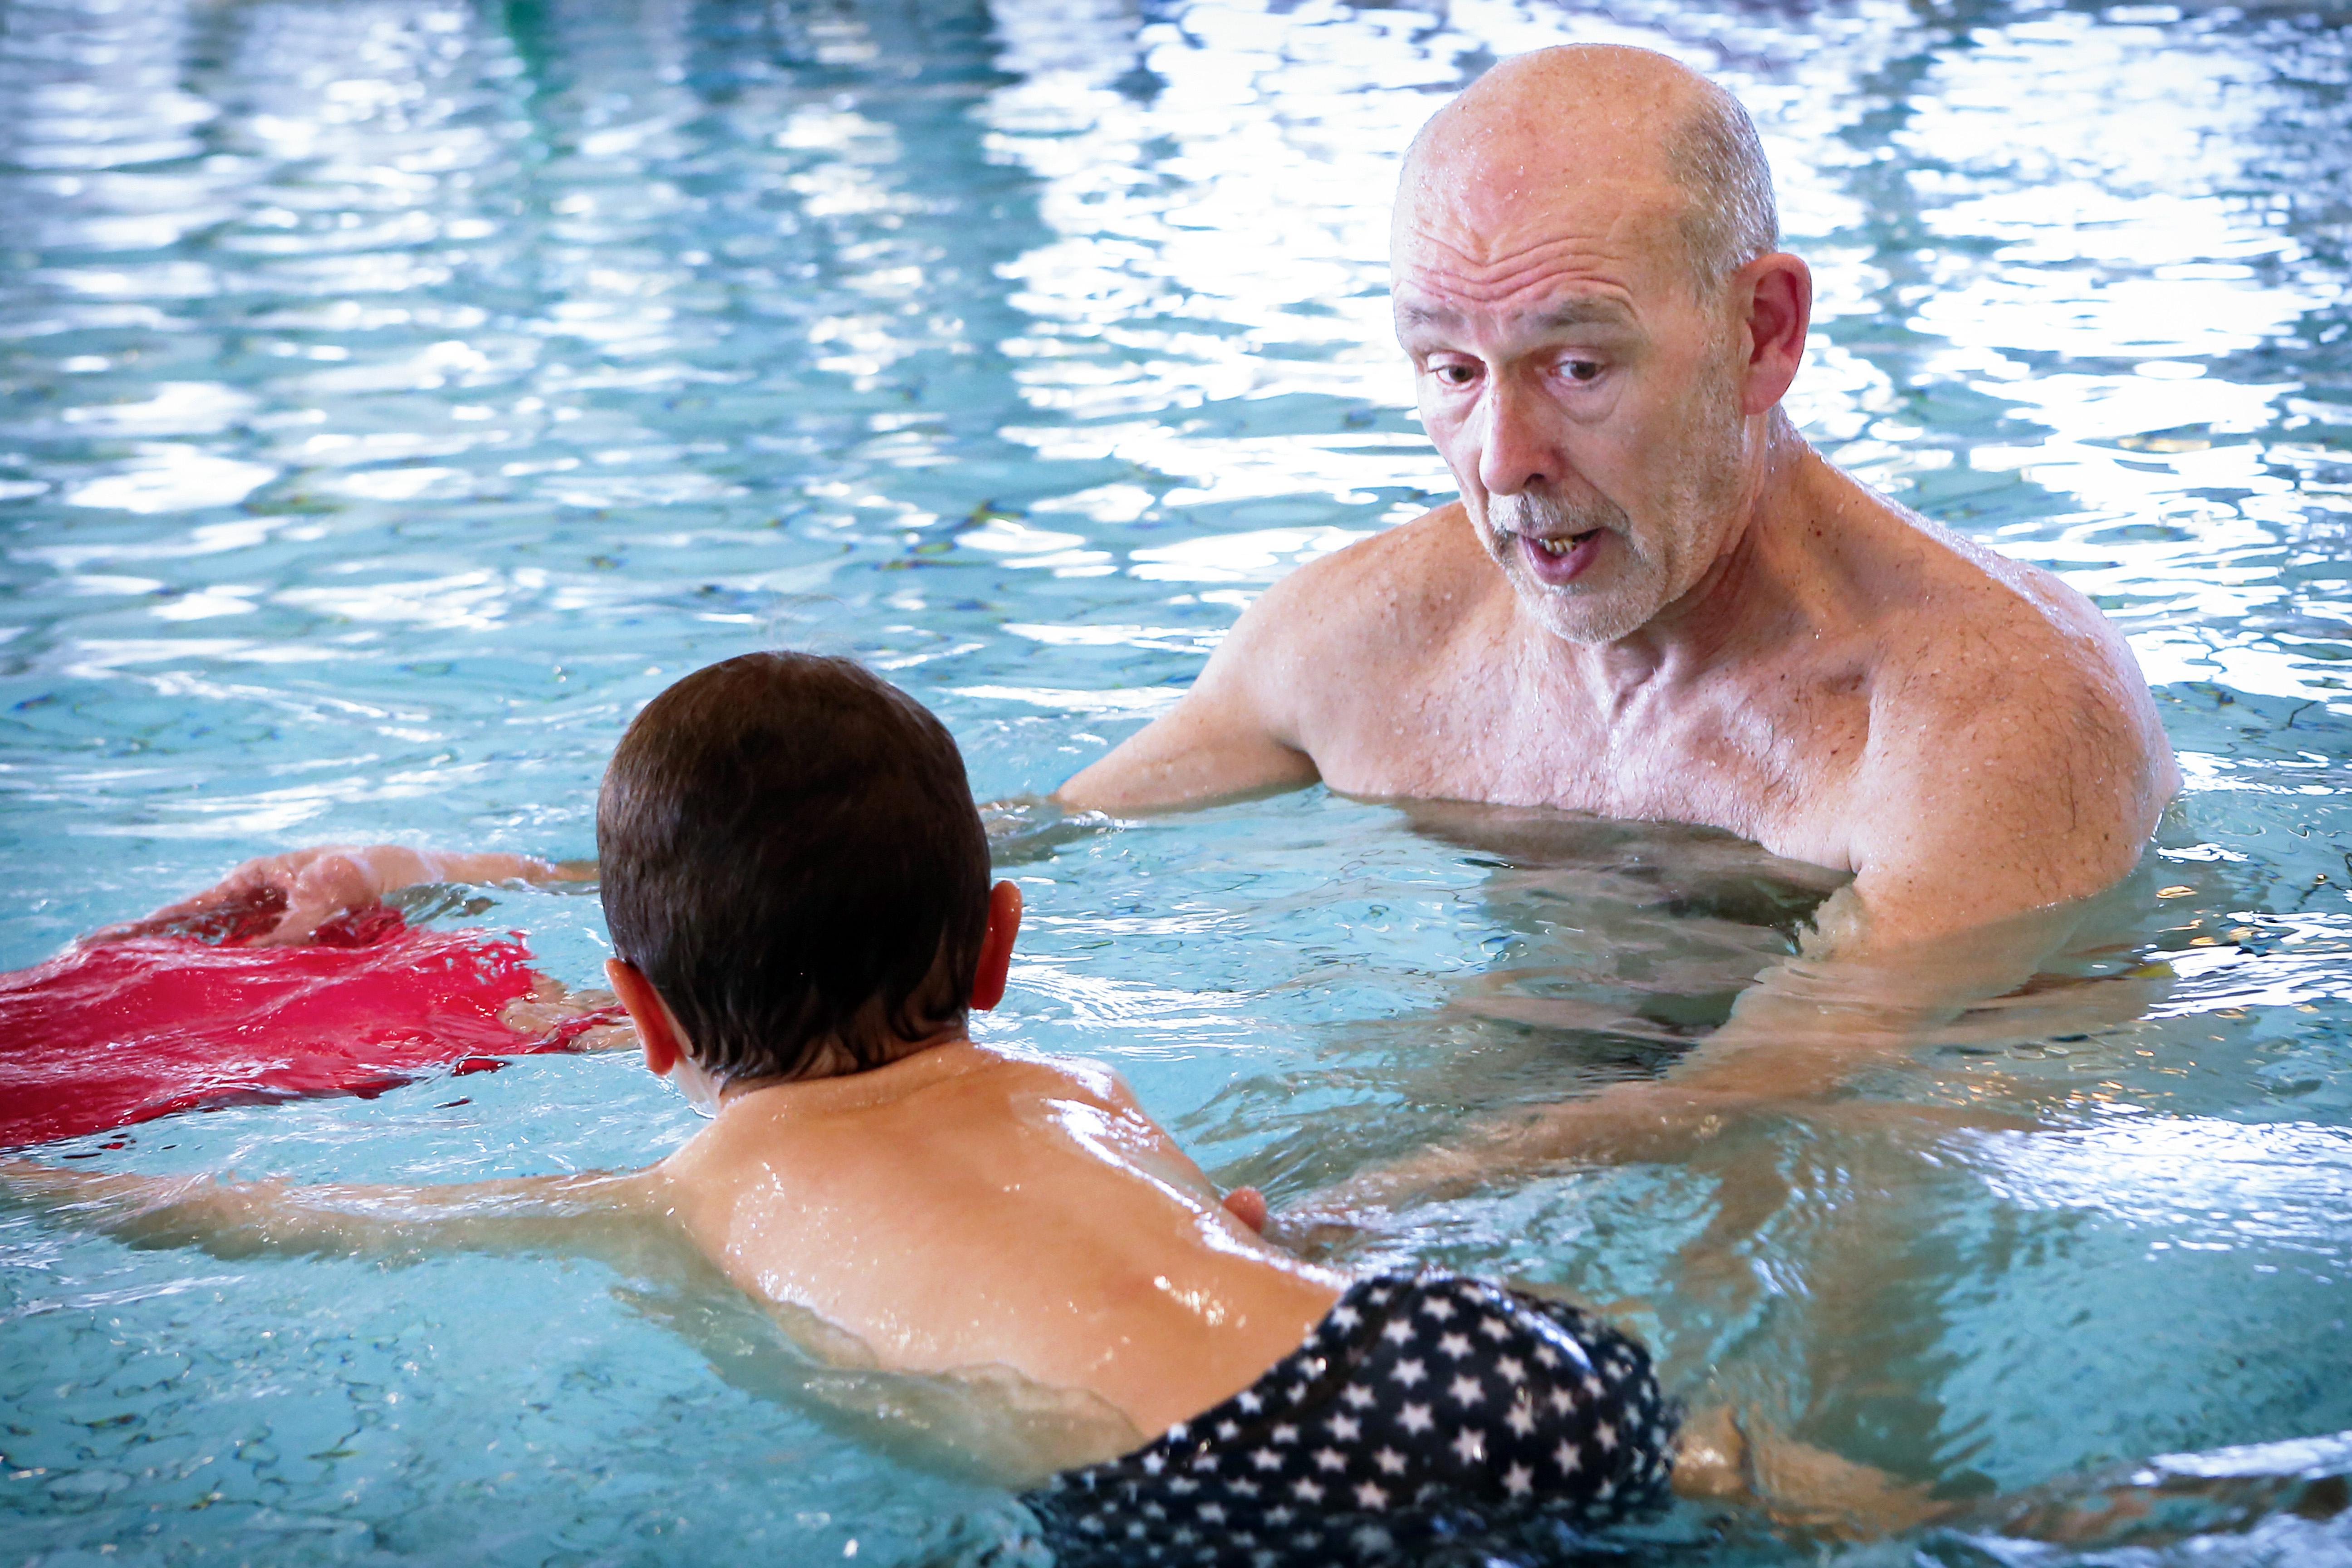 Zwemschool Waterval uit Beverwijk en zwemclub VZV uit IJmuiden zien een parallel met het onderwijs. 'Wij werken in drie maanden naar het zwemdiploma toe. De flow is er nu uit'